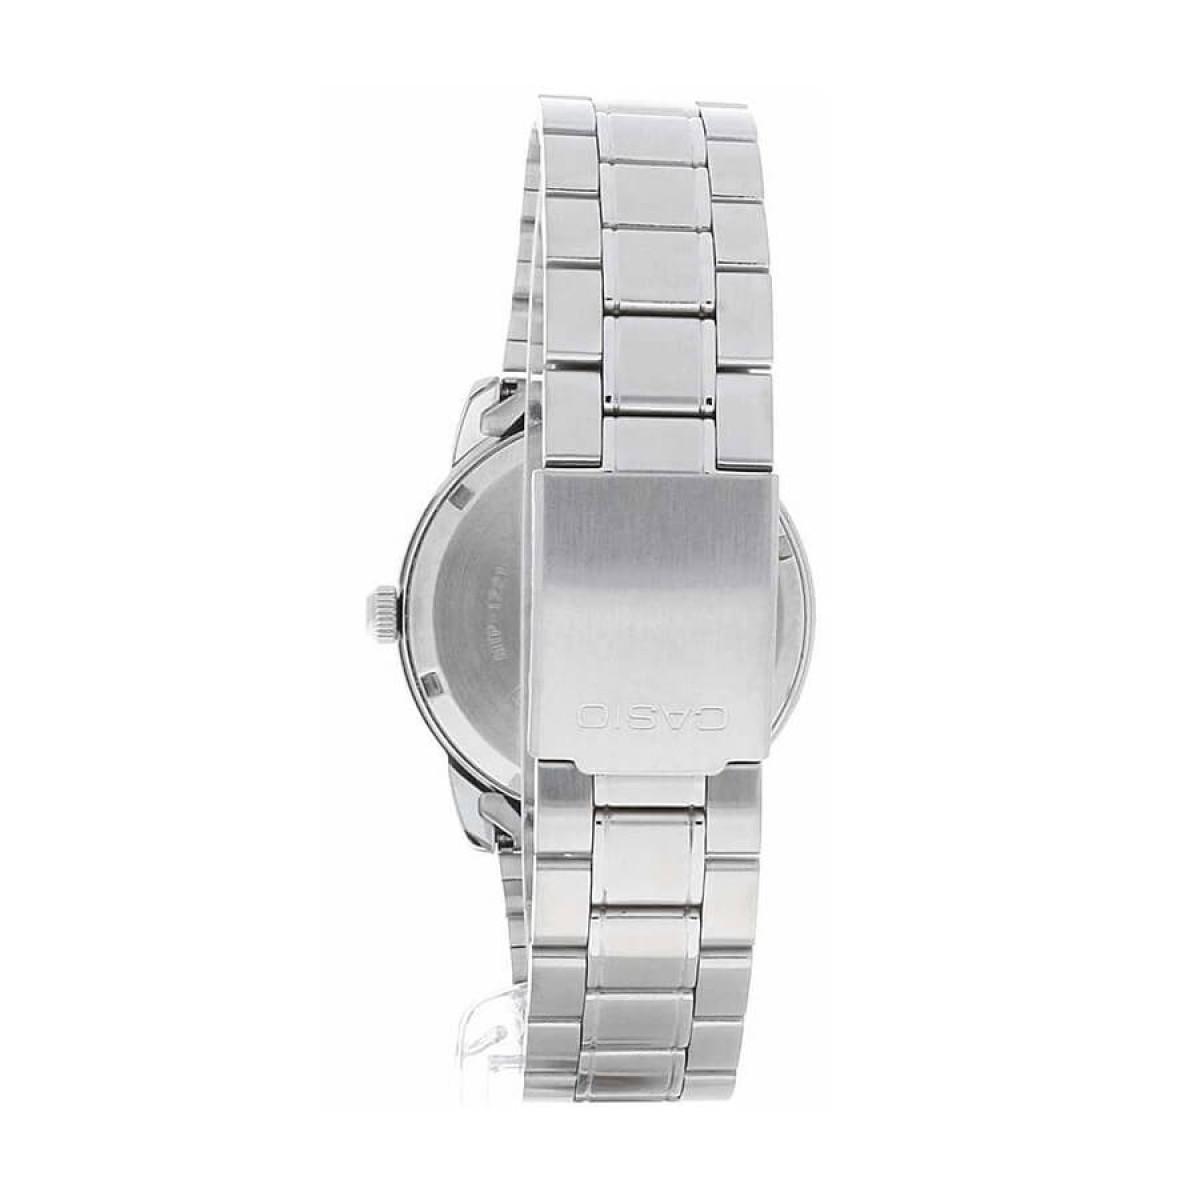 Часовник Casio MTP-1221A-7BVEF